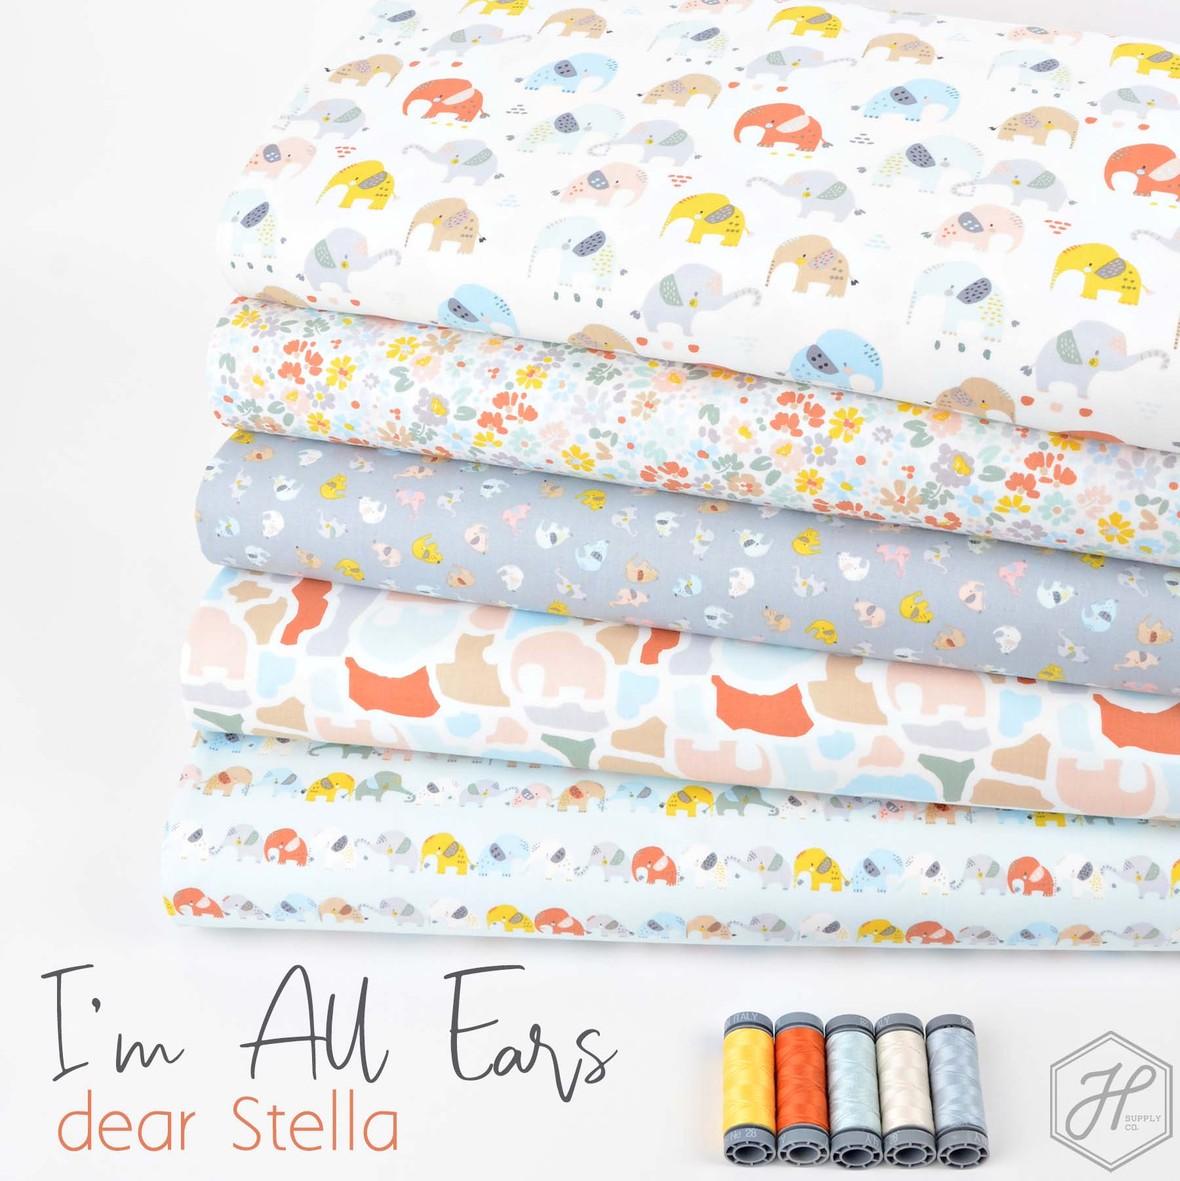 Im All Ears Elephant fabric Dear Stella at Hawthorne Supply Co